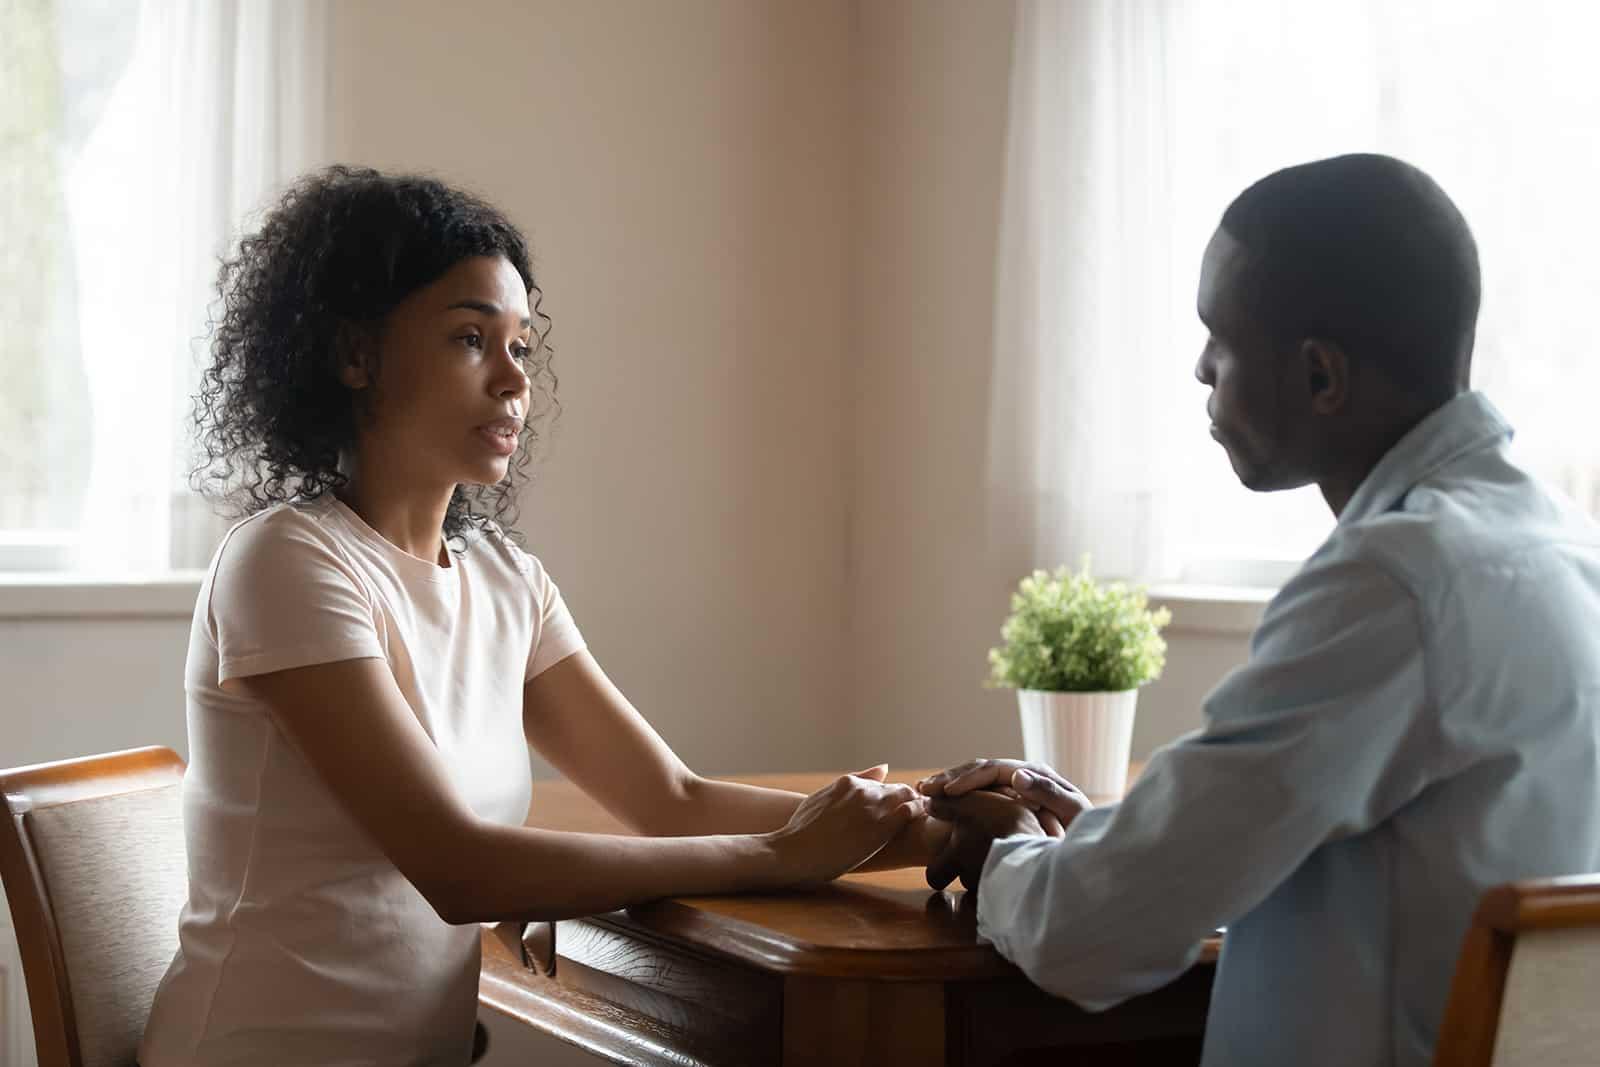 Ein Paar spricht über ihre Beziehungsprobleme am Tisch sitzen